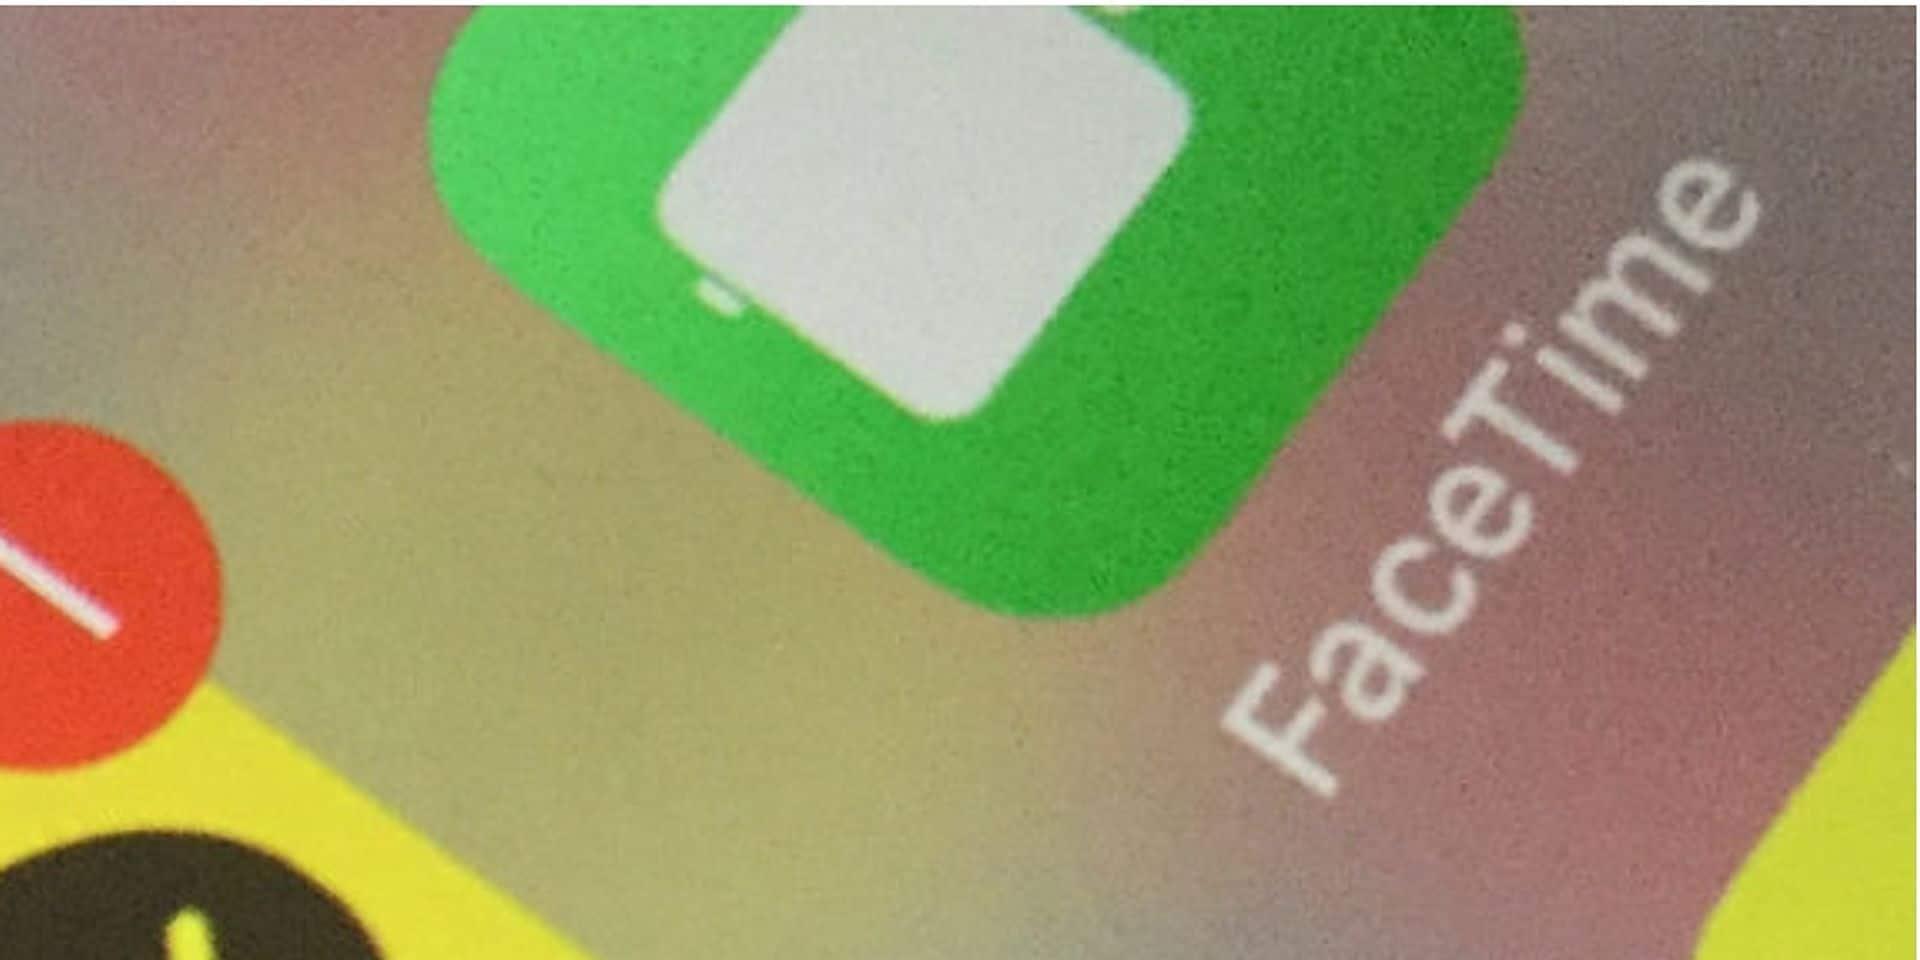 Une importante faille de sécurité découverte sur FaceTime